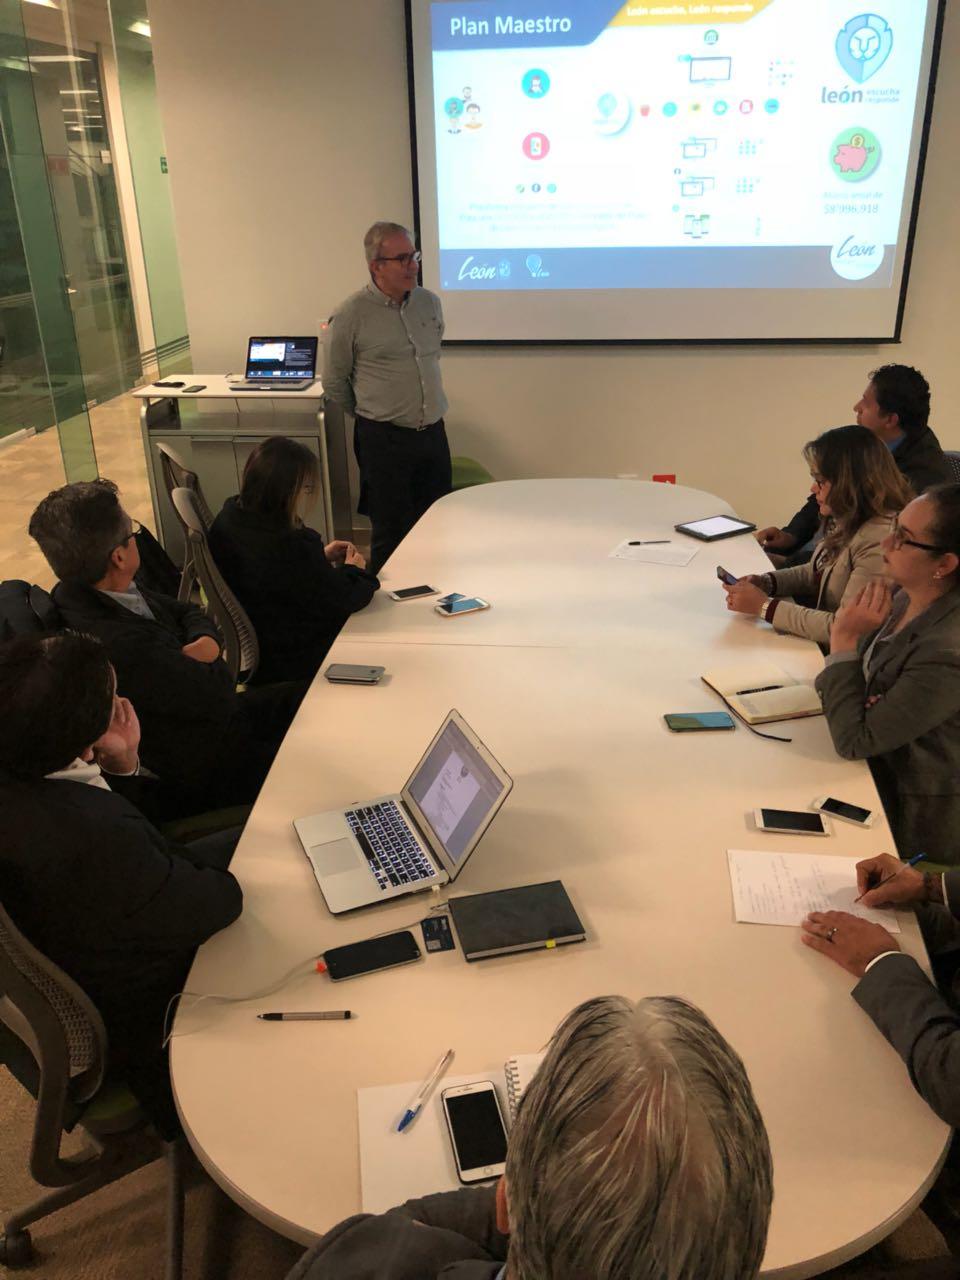 delegación tijuana, amio ingenieros, Plan Director León Municipio Humano Inteligente, 7